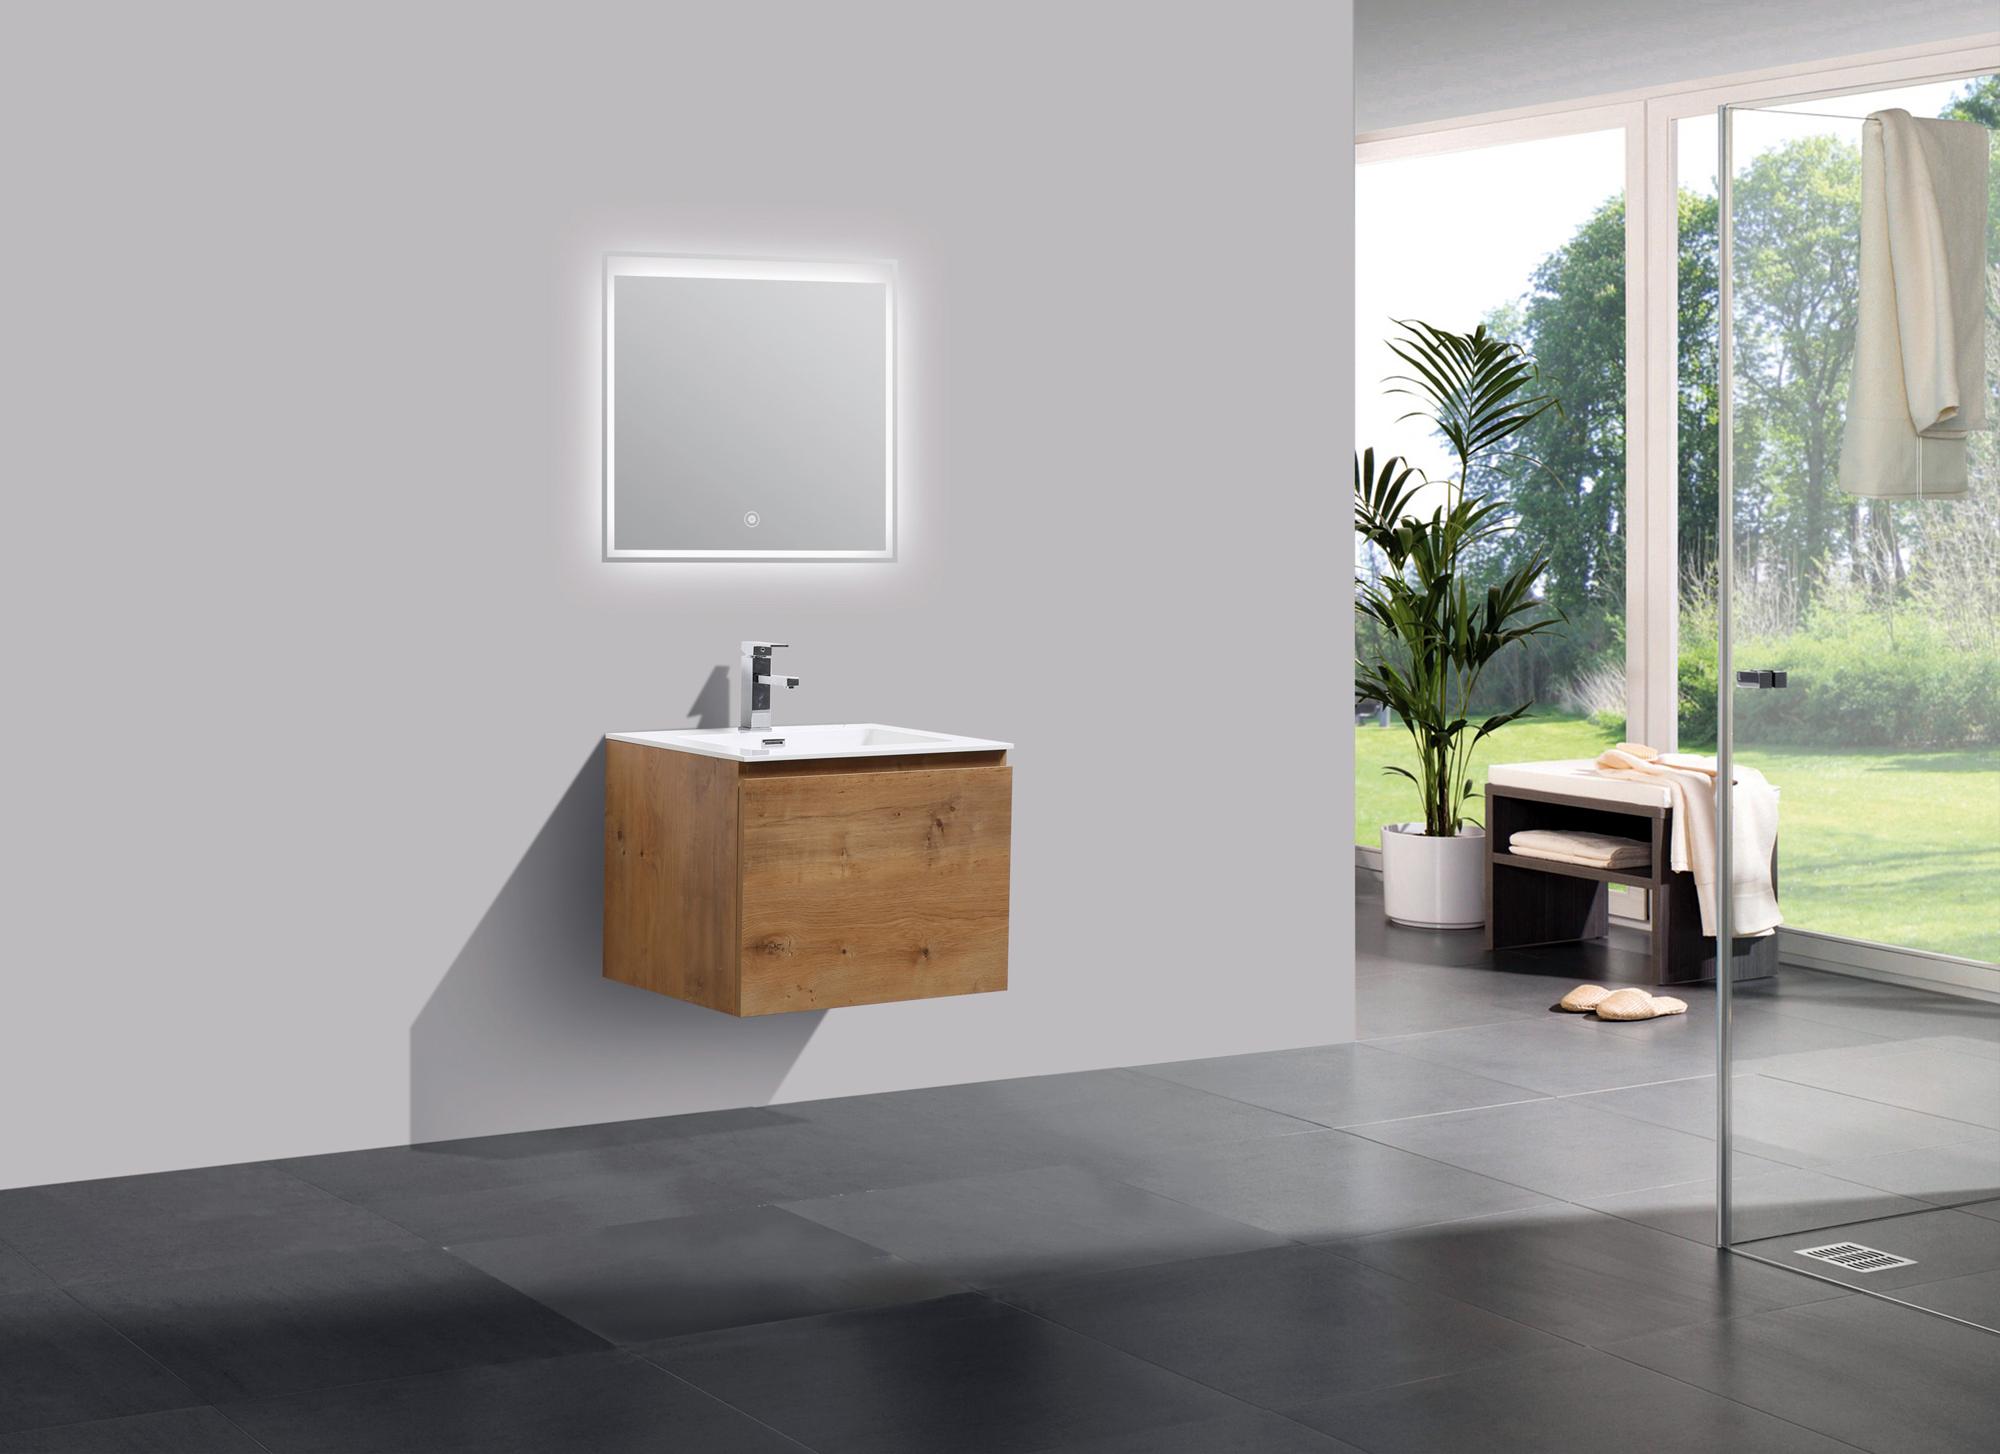 Mobili da bagno set alice lavabo per stanza armadietto a specchio